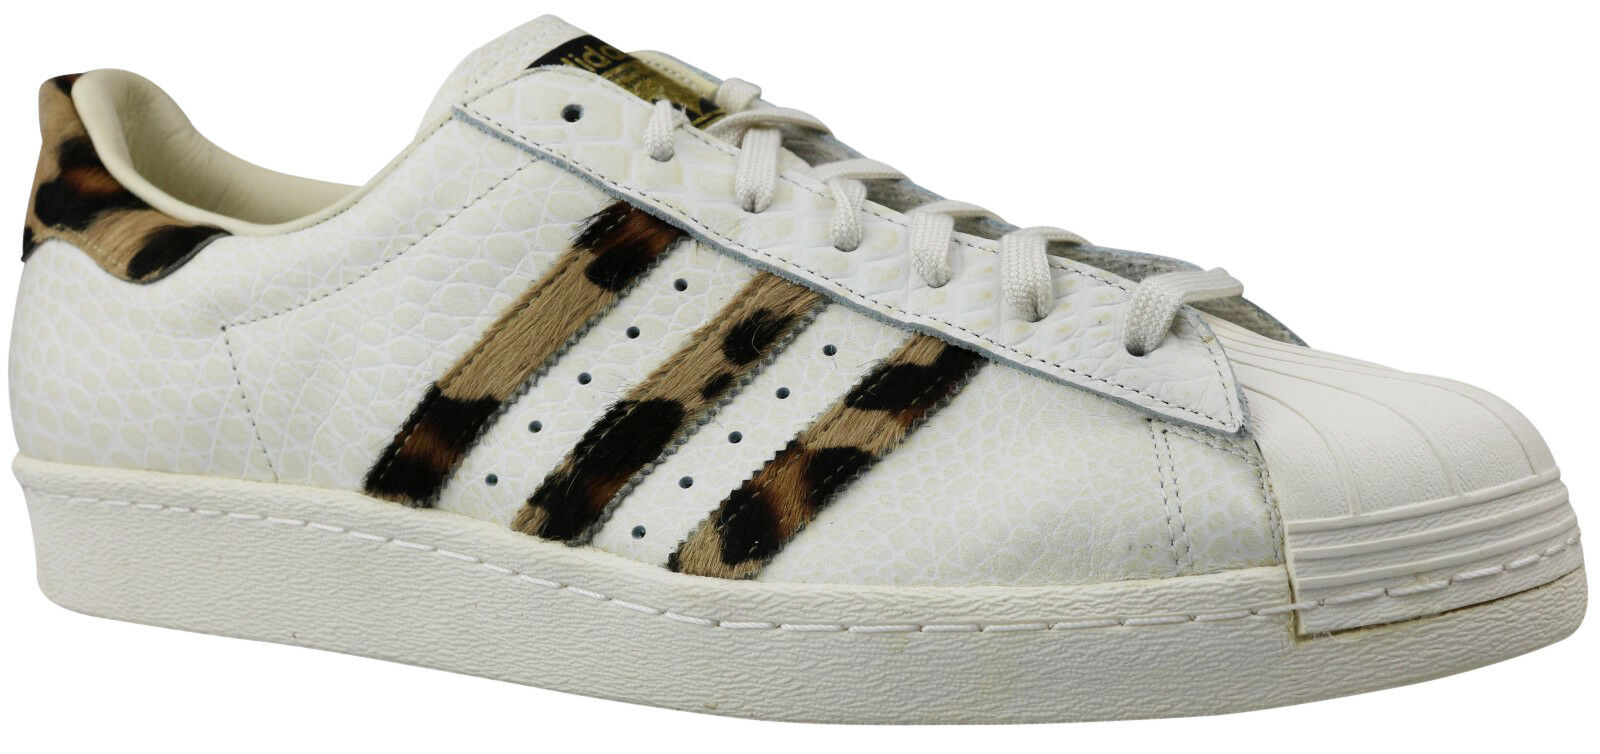 super popular 66b4a 63252 Adidas Superstar 80 S Animal s78955 Hommes Sneaker Sneaker Sneaker  Chaussures T 48 48,5 49 NOUVEAU   NEUF dans sa bo te   Pour Gagner L éloge  Chaleureux De ...